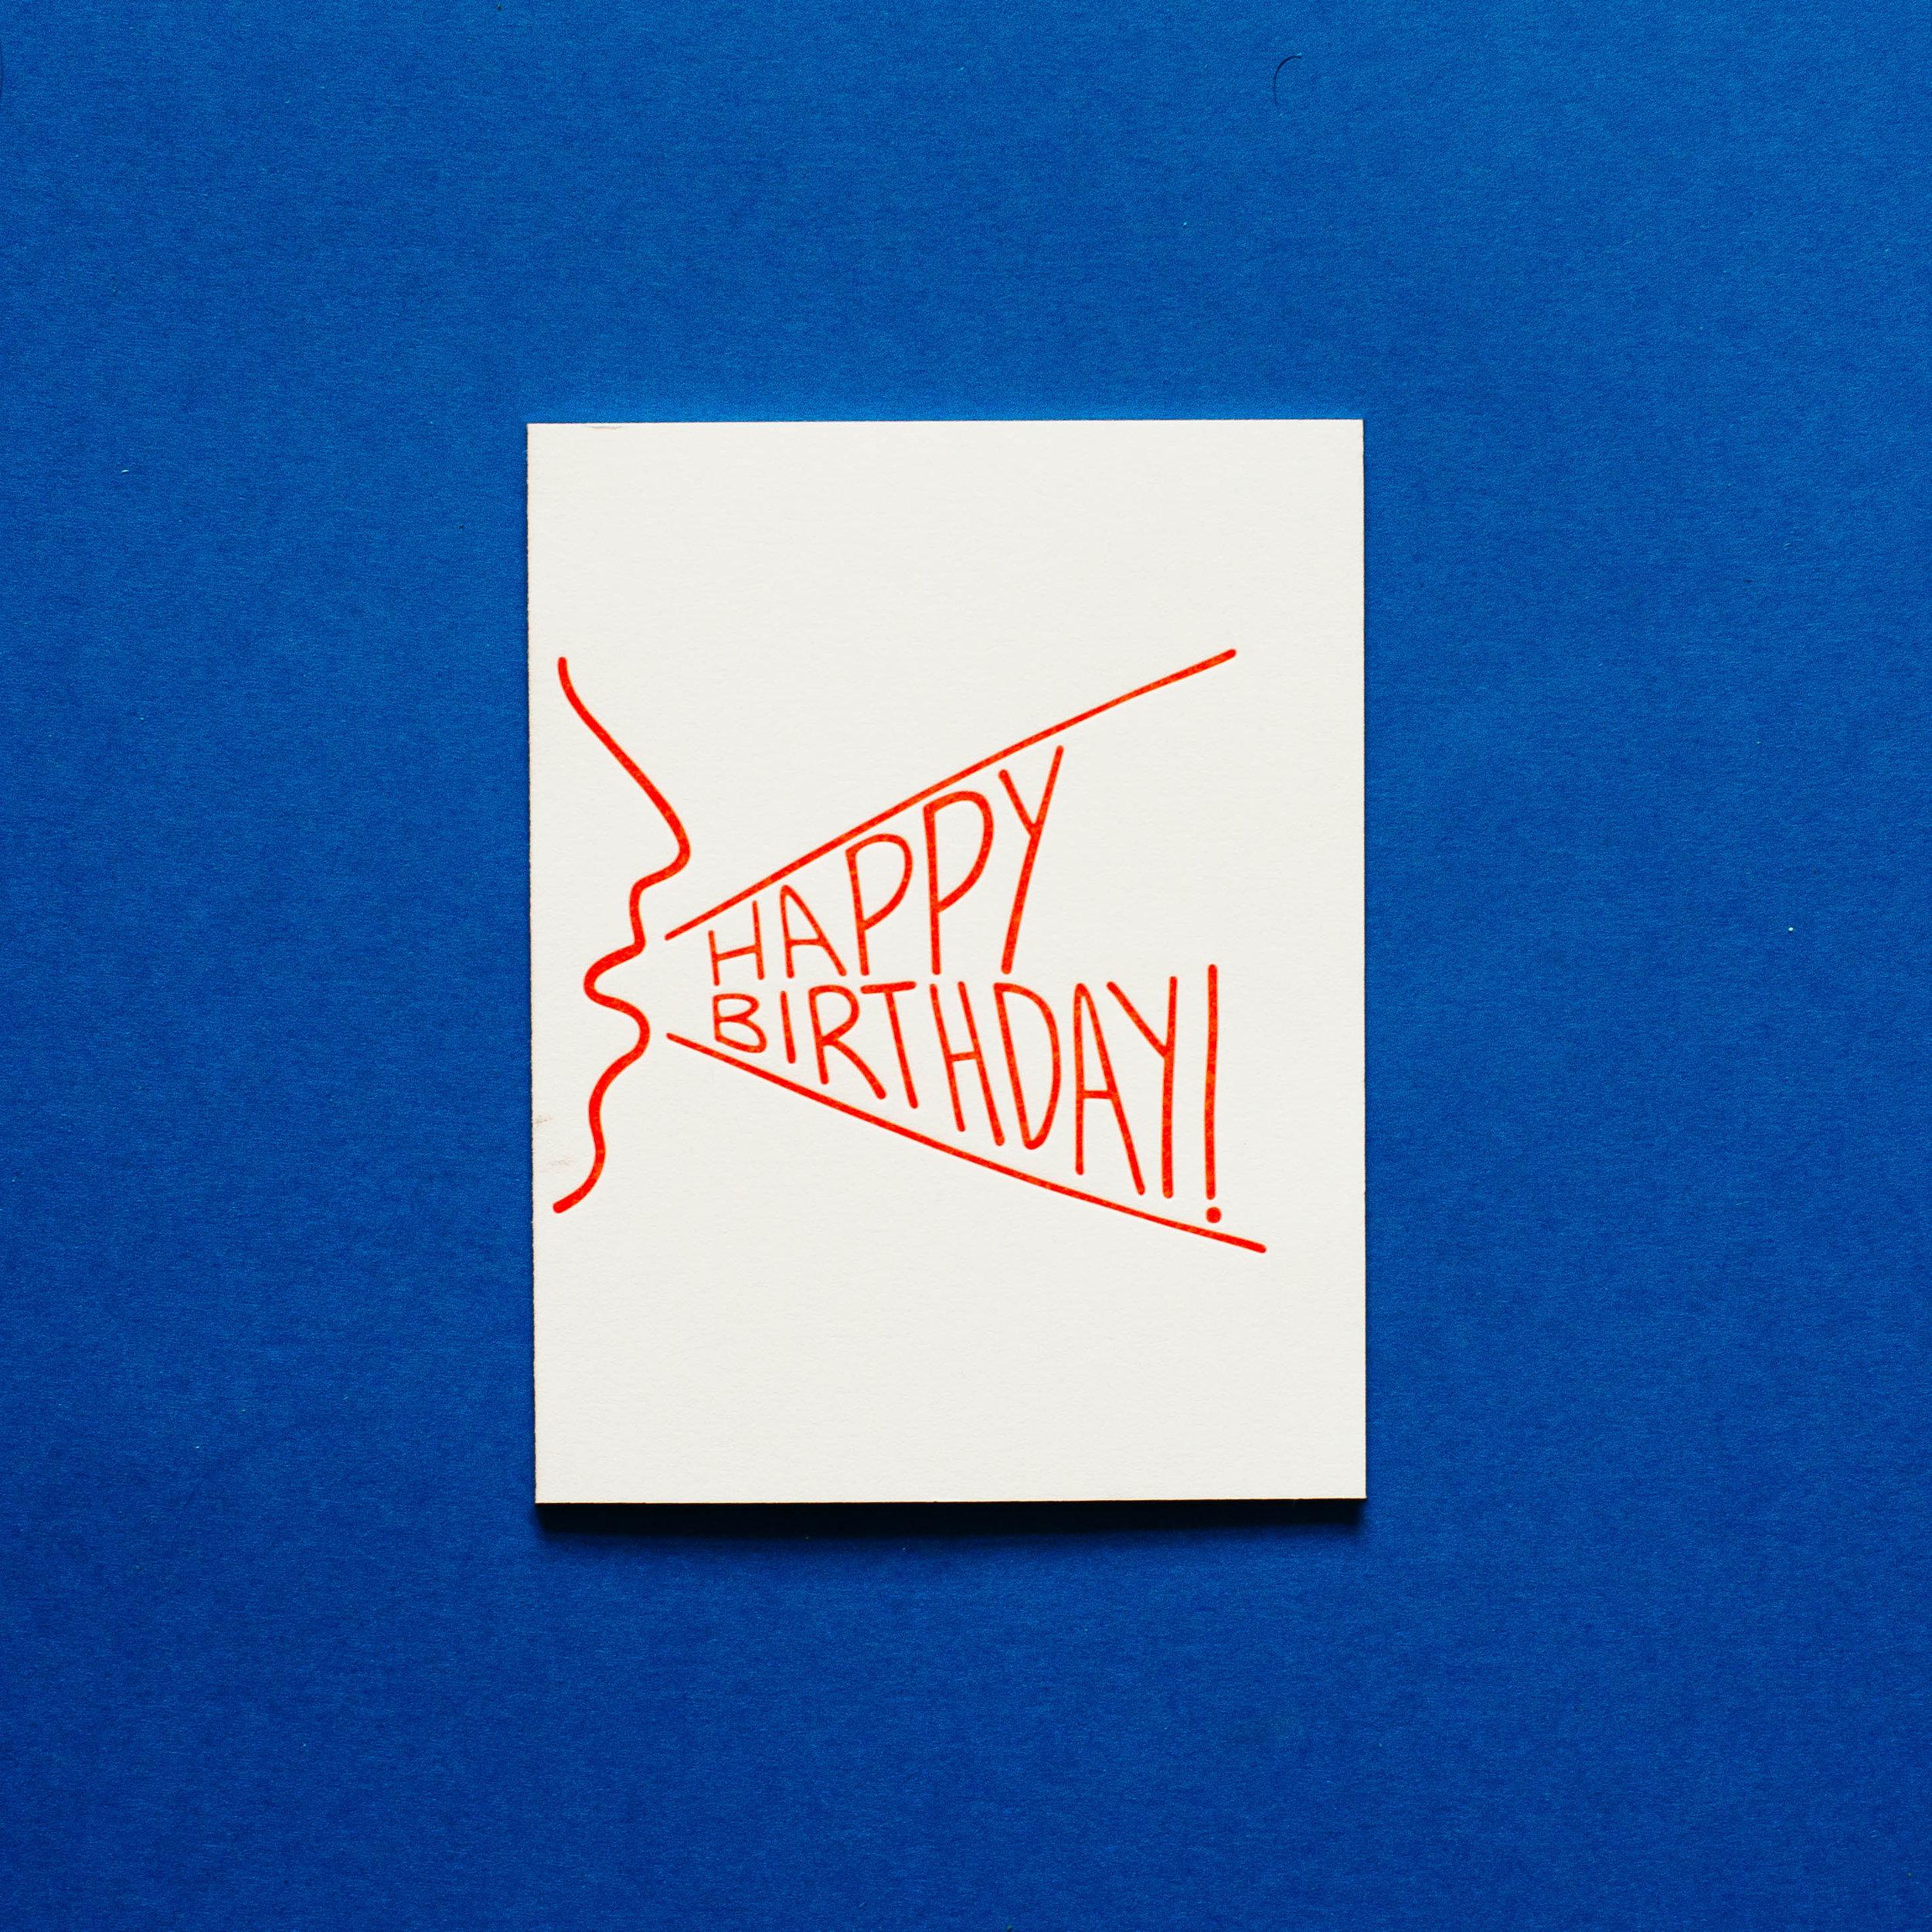 LB-012 - Happy Birthday.jpg